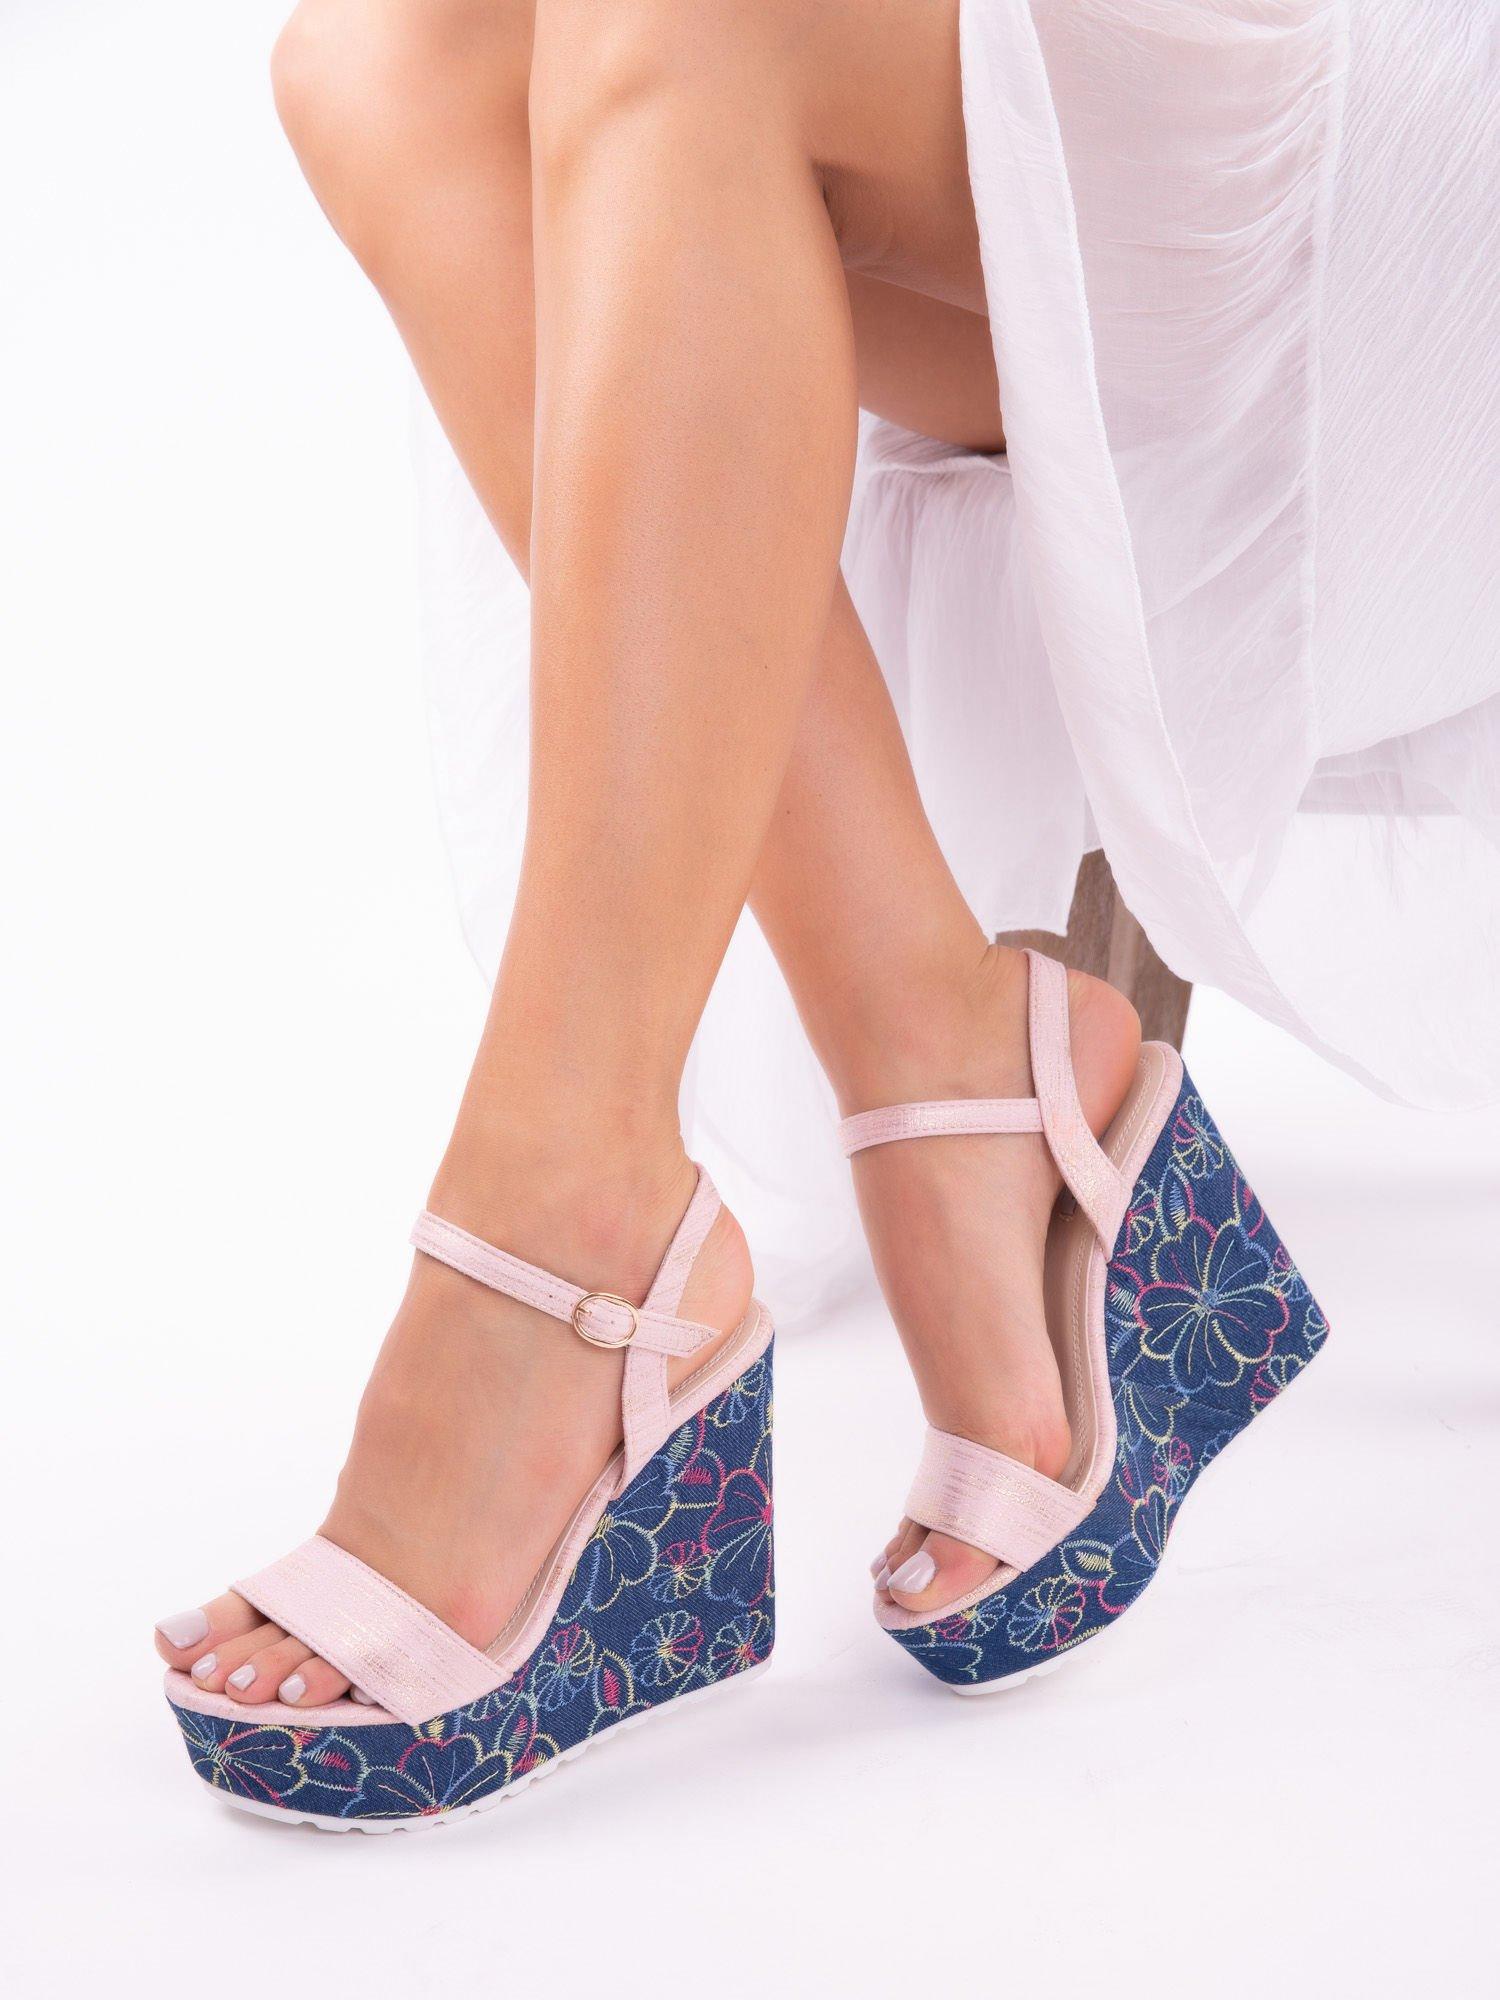 dd25fefa Różowe sandały na koturnach z kolorowymi haftami w kształcie kwiatów - Buty  Koturny - sklep eButik.pl